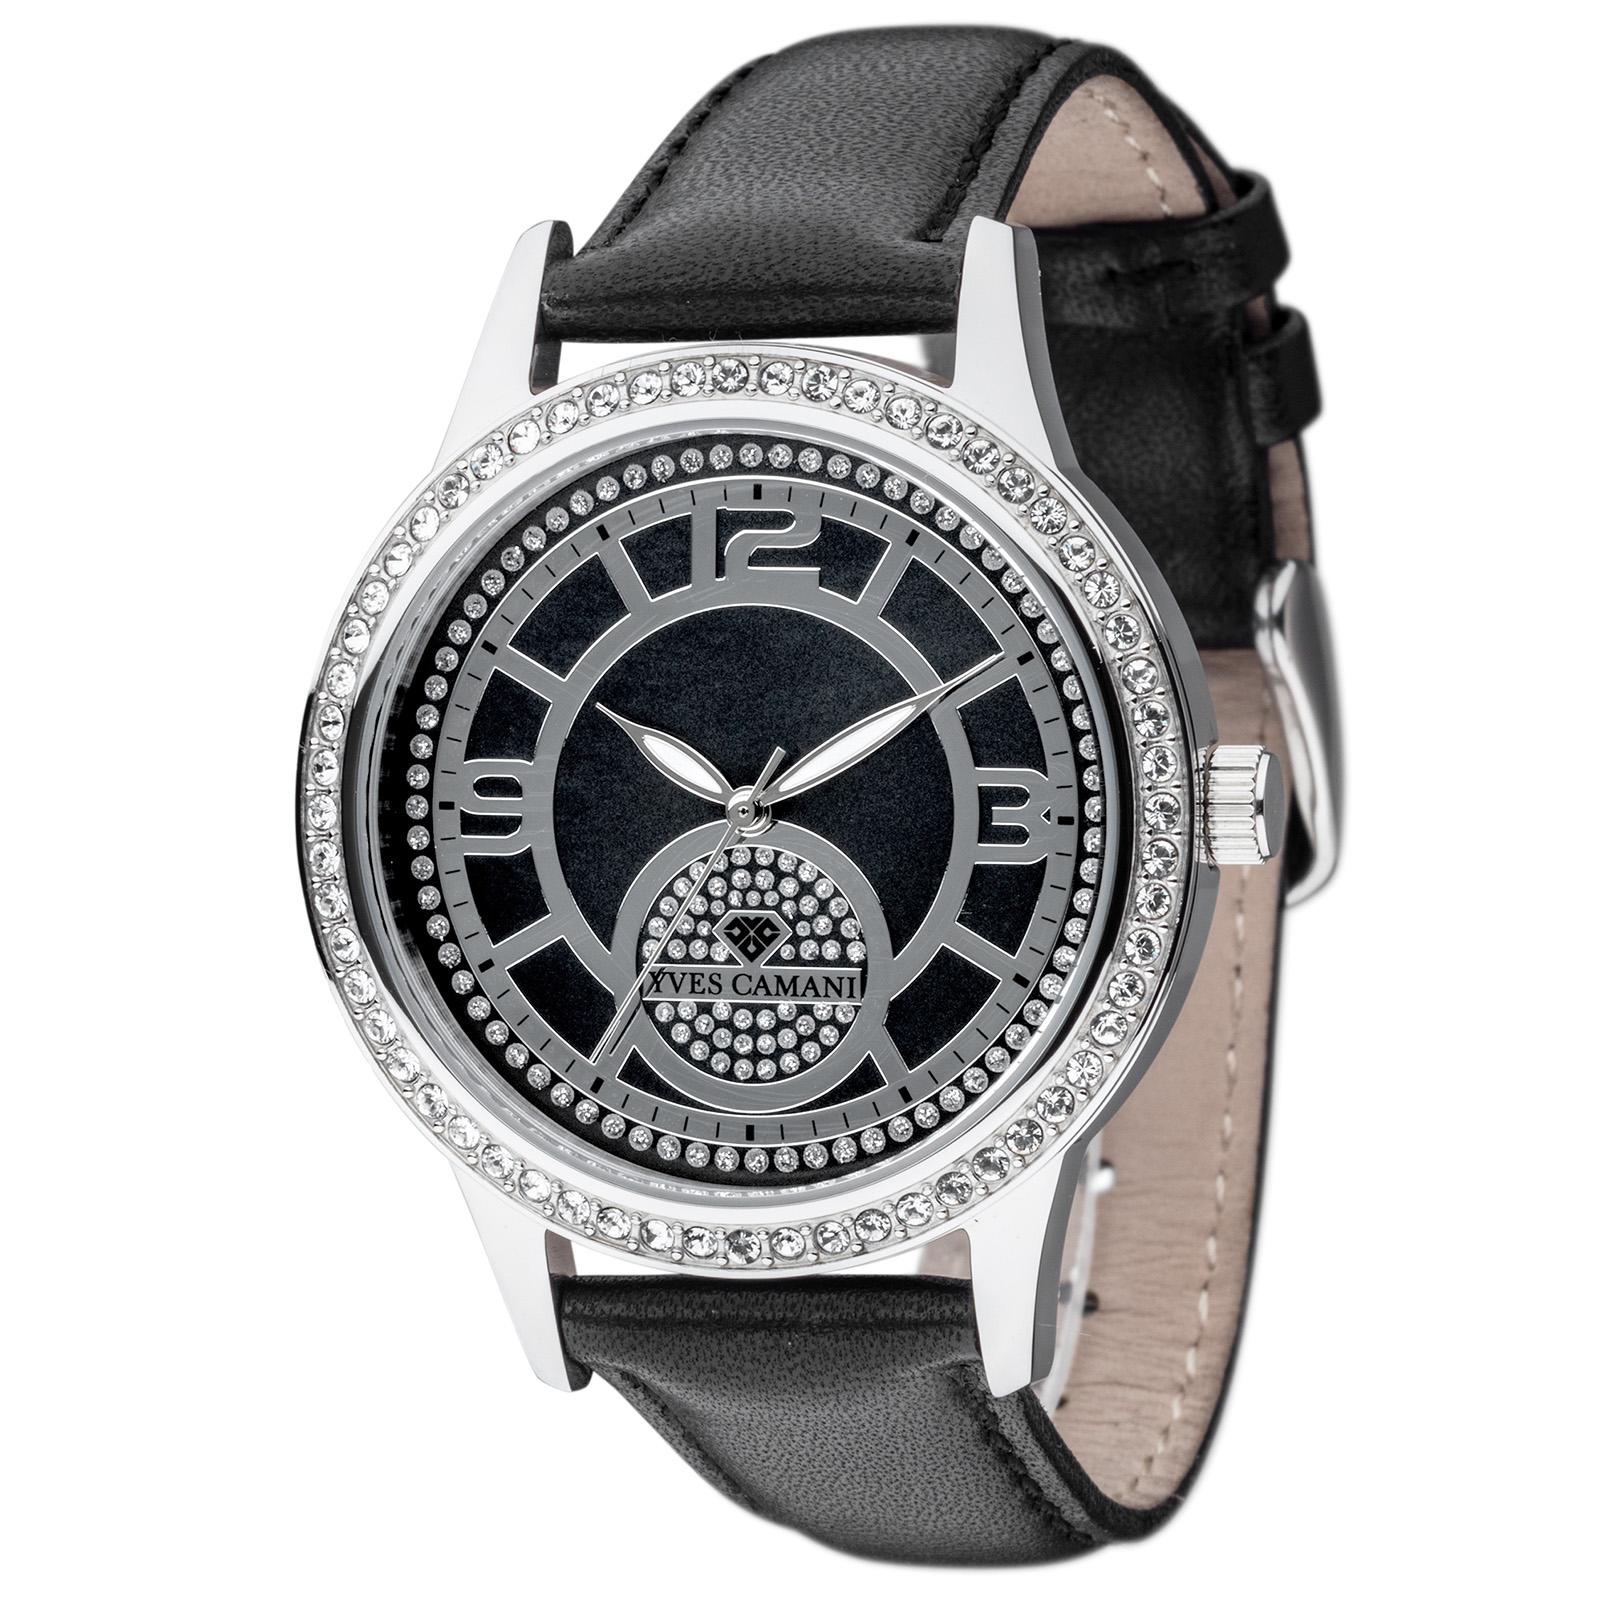 0c834773c6 Détails sur YVES CAMANI Rouen Femme Montre en acier inoxydable argent  Bracelet en Cuir Noir Neuf- afficher le titre d'origine